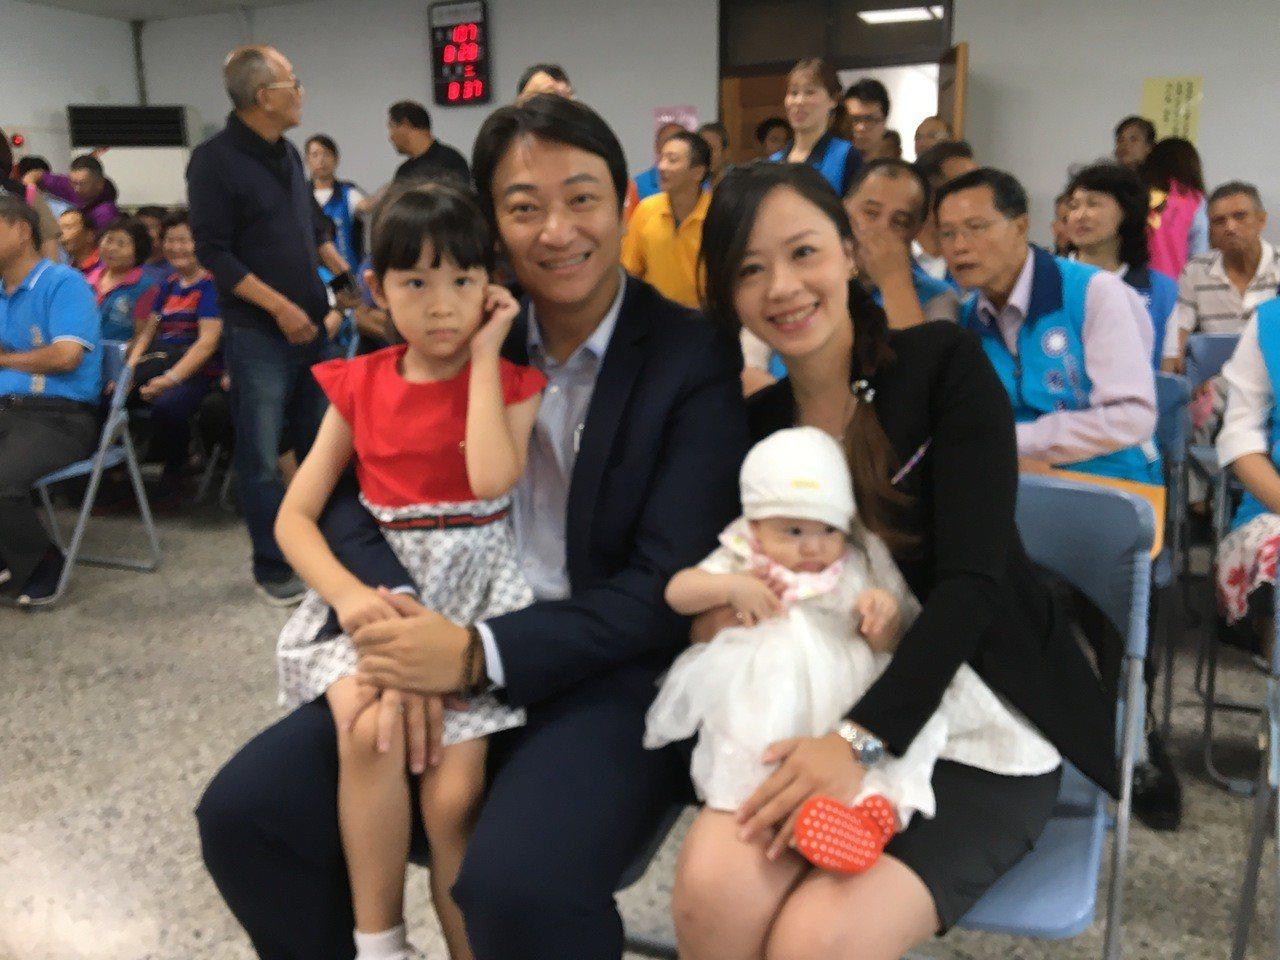 花蓮市長魏嘉賢今天上午偕同妻子與2寶貝女兒到花蓮市公所登記參選。記者徐庭揚/攝影